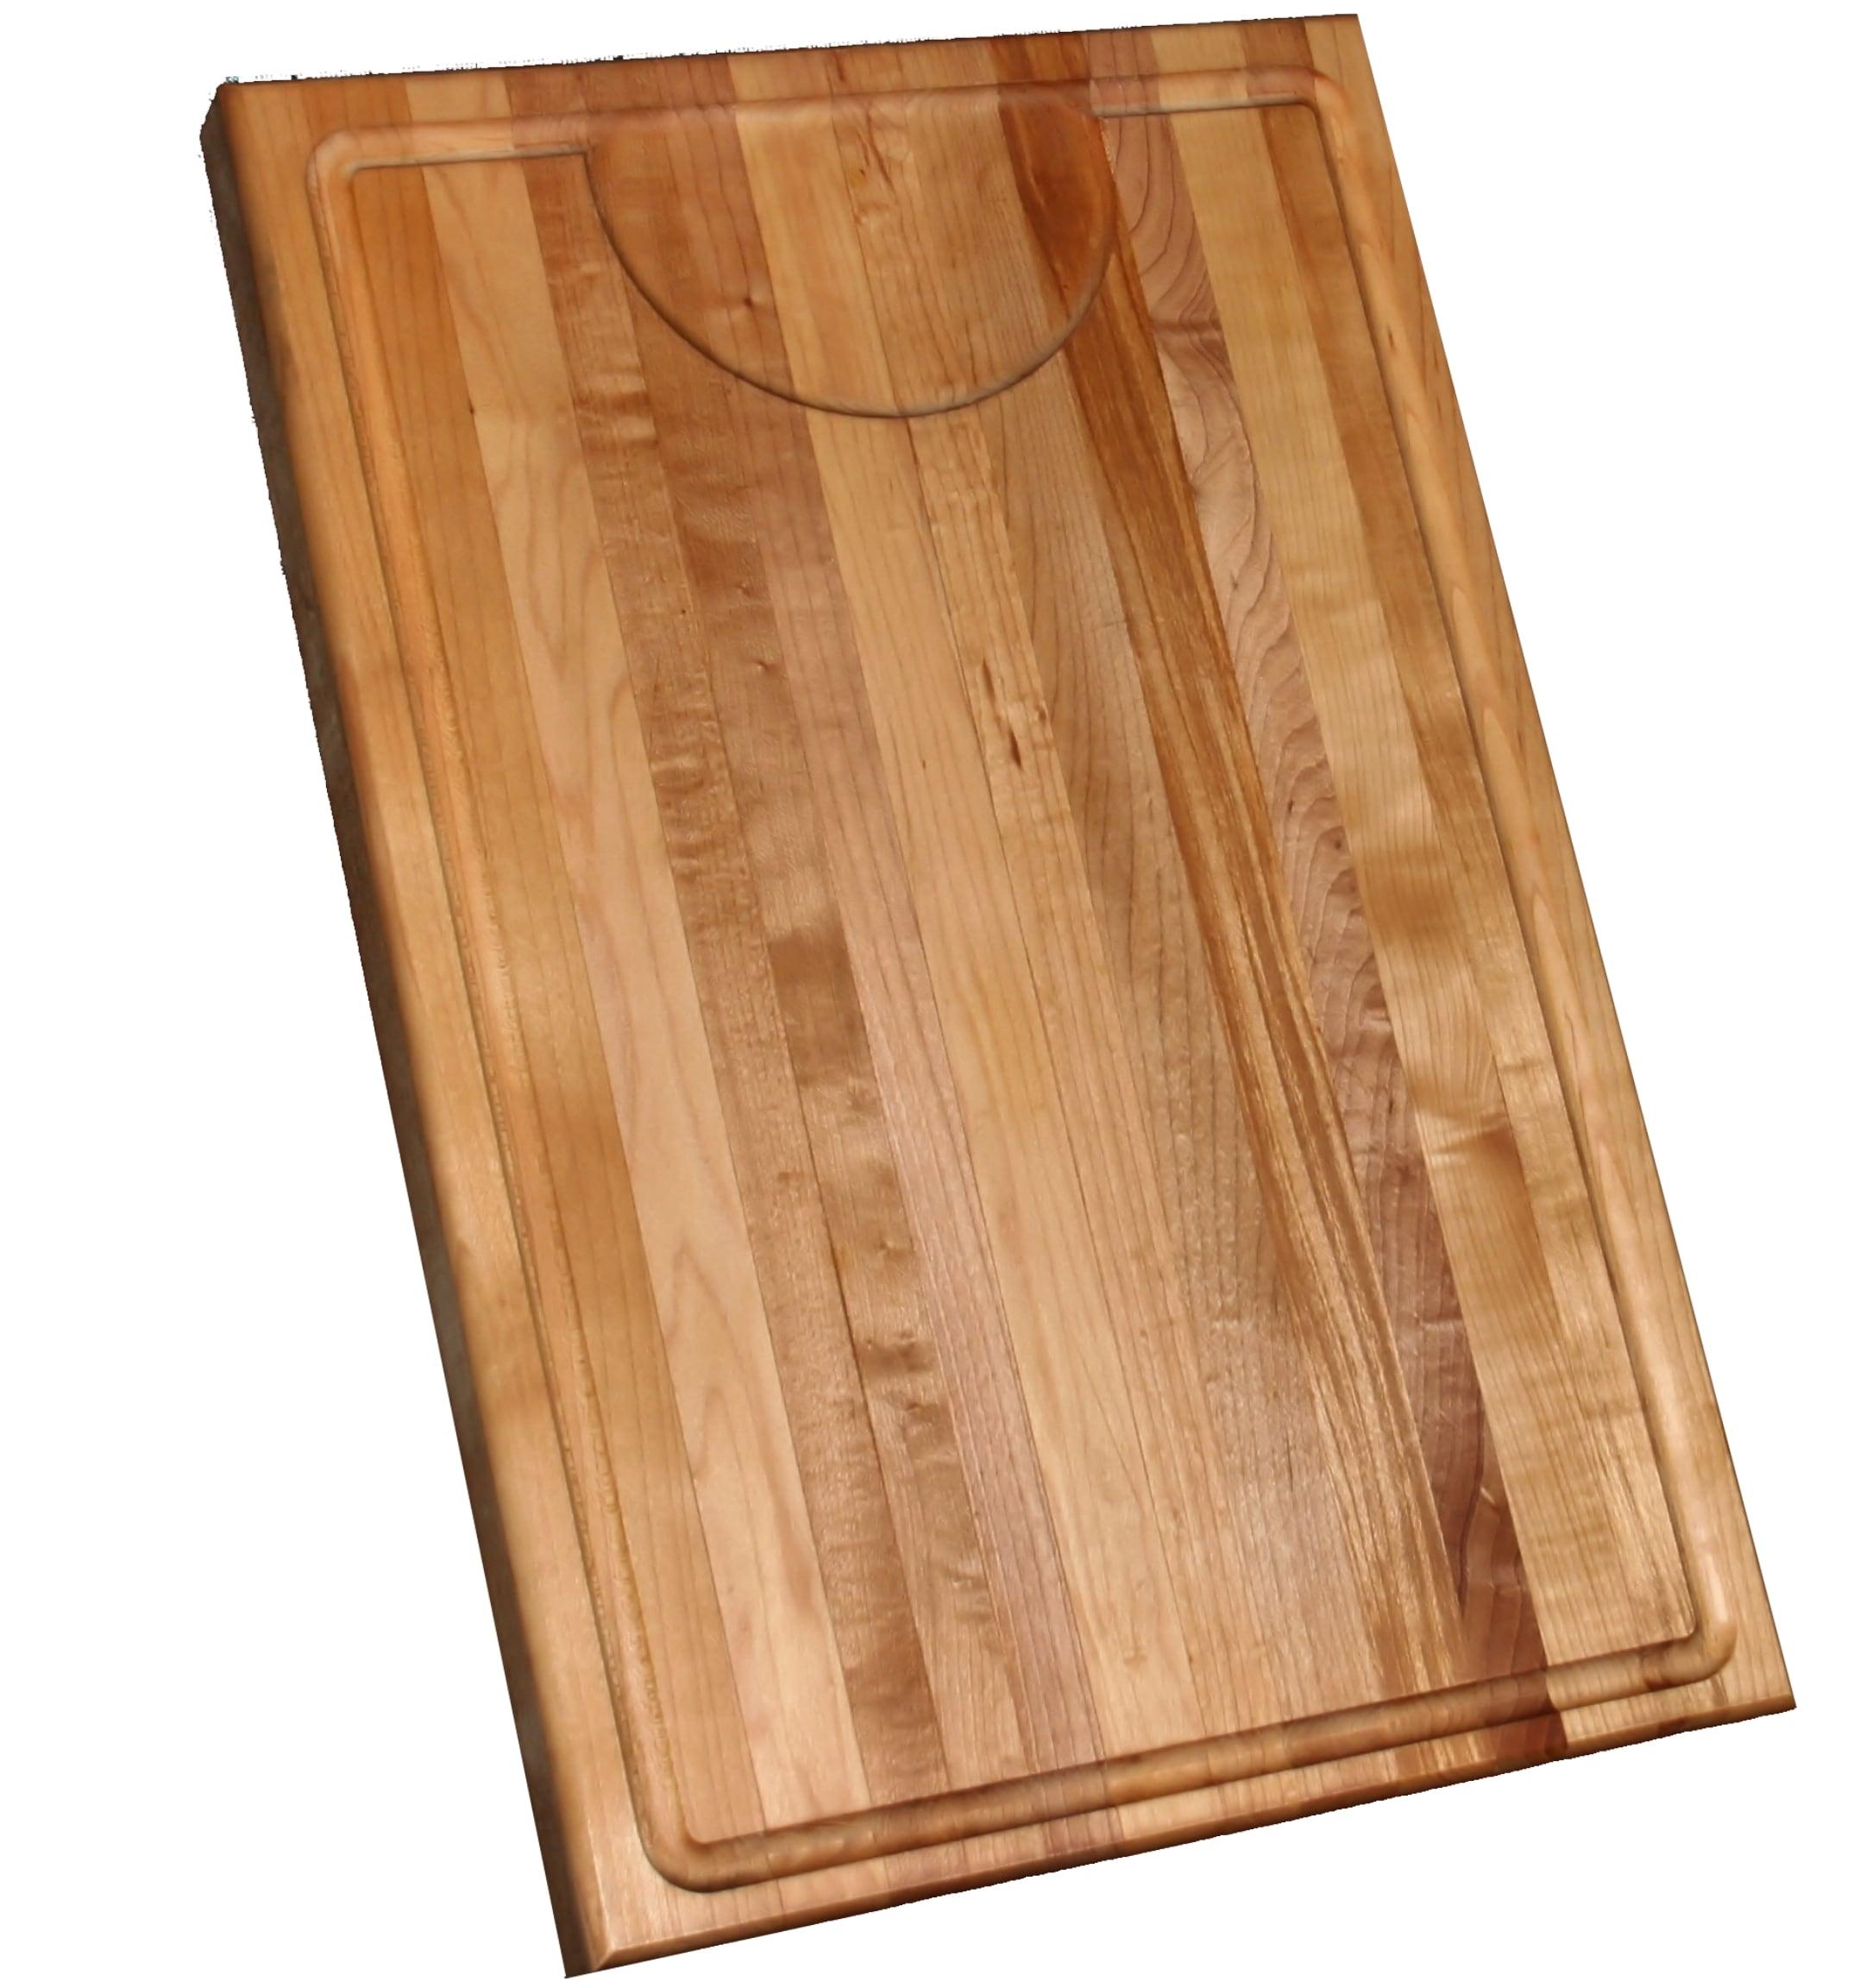 Maple Edge Grain 12x18-inch Cutting Board - Thumbnail 1